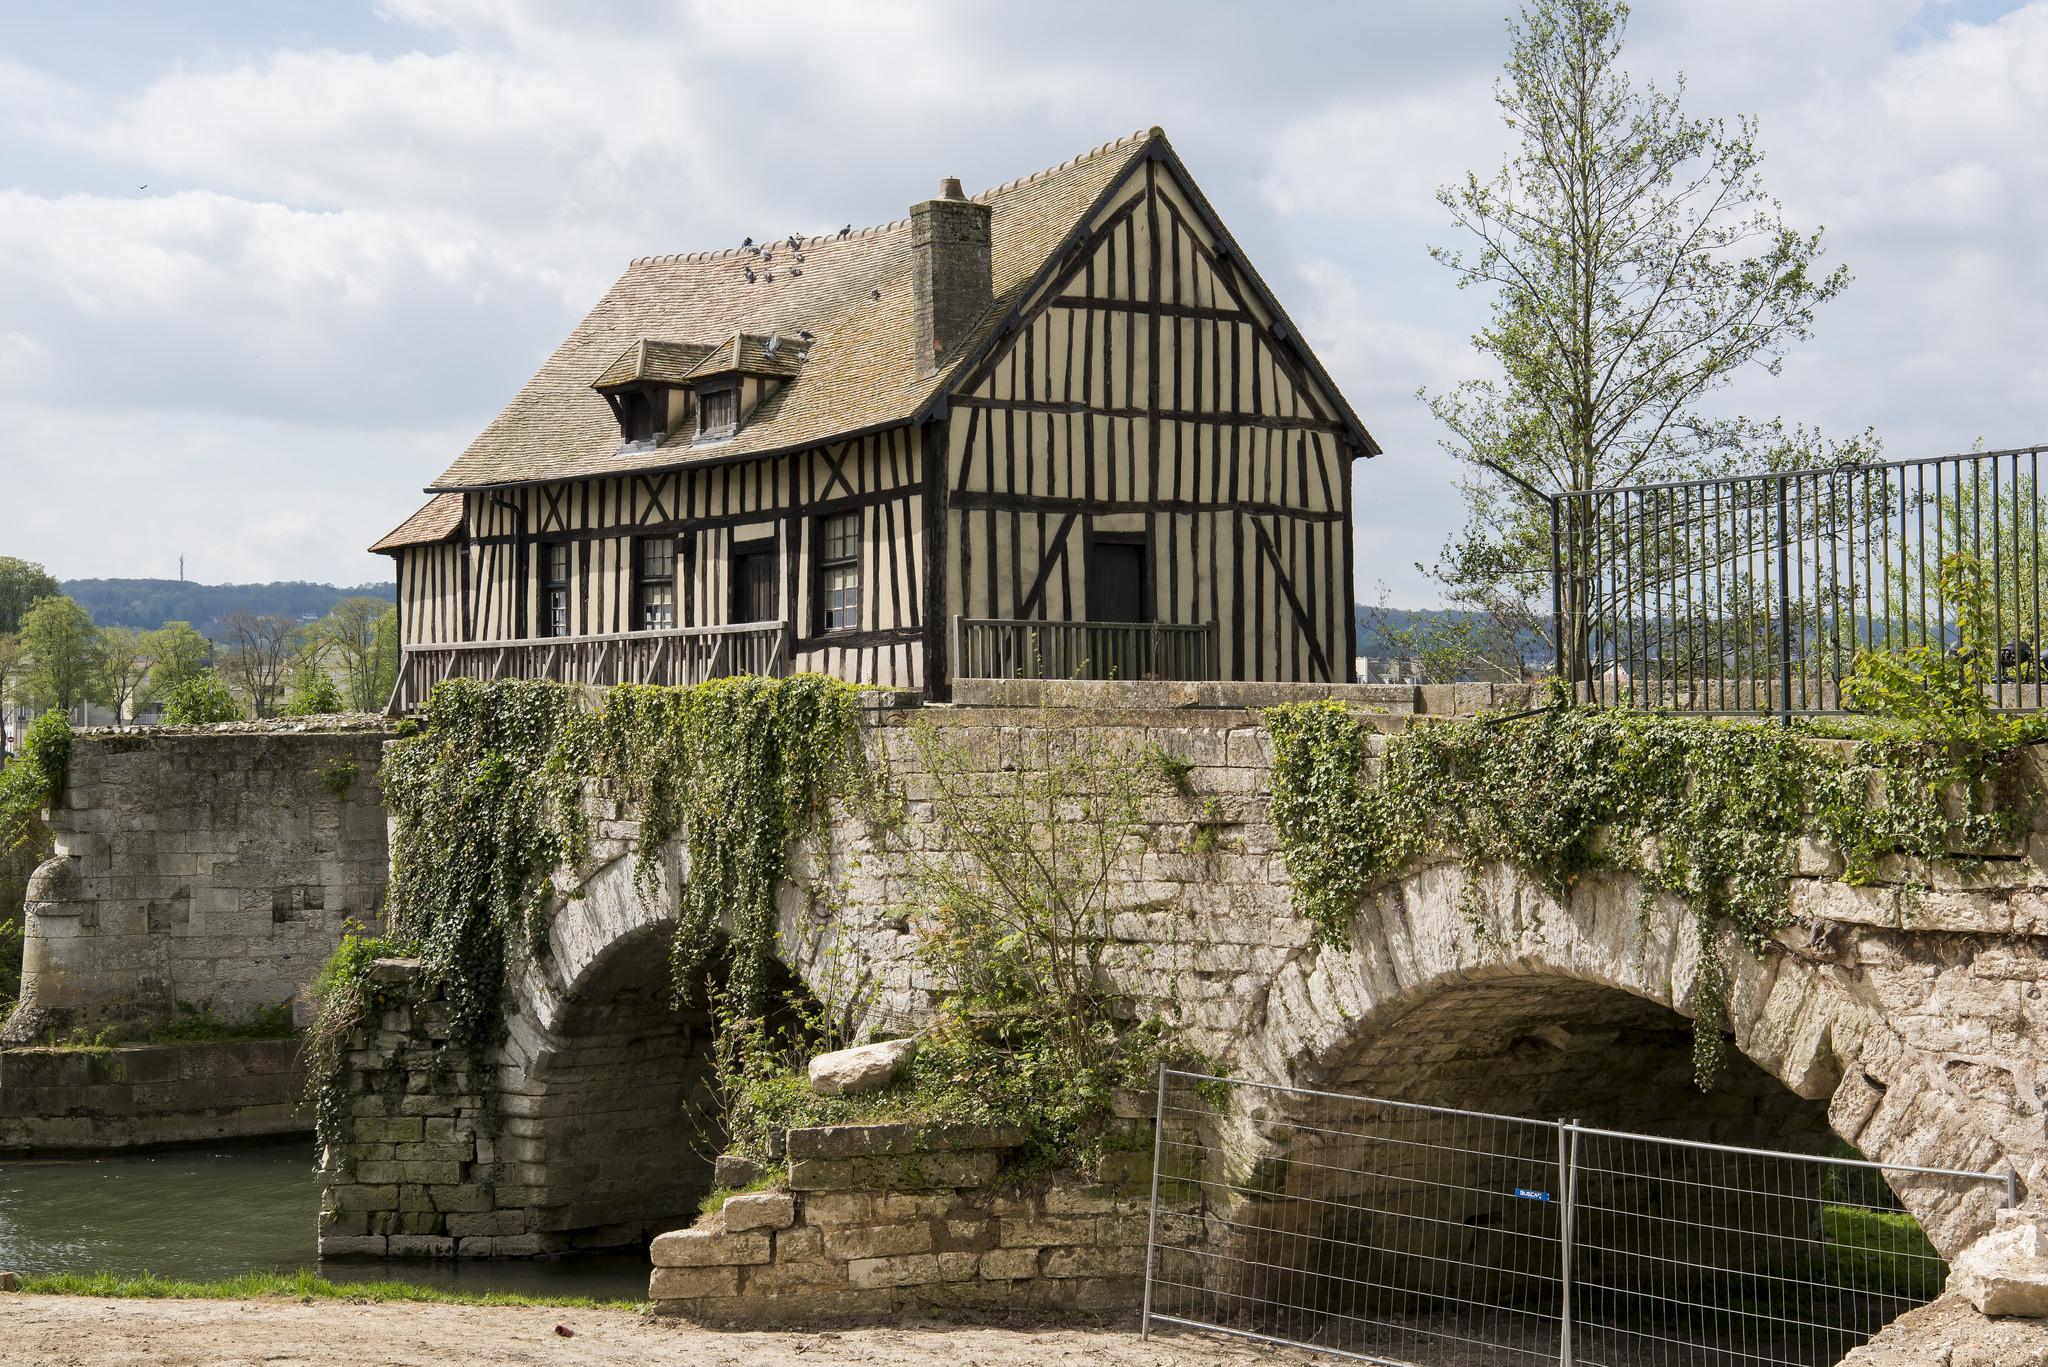 House with Bridge